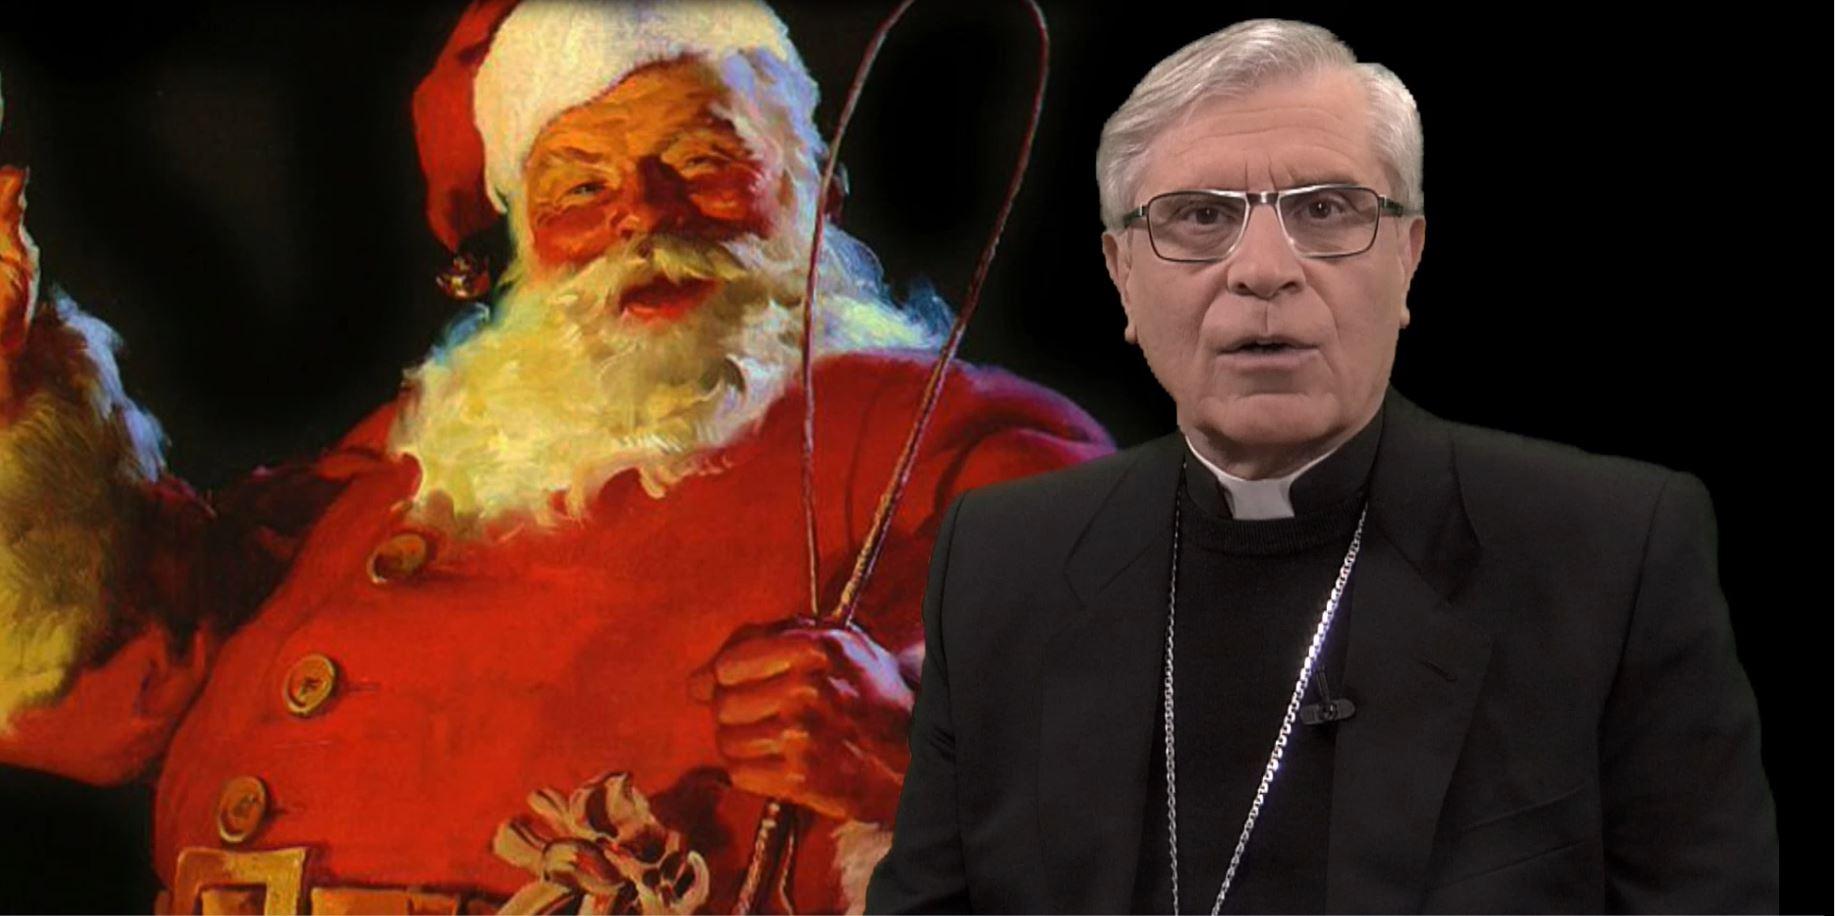 La chronique de Mgr Jean-Michel di Falco Léandri : Connaissez-vous l'âge du Père Noël ?